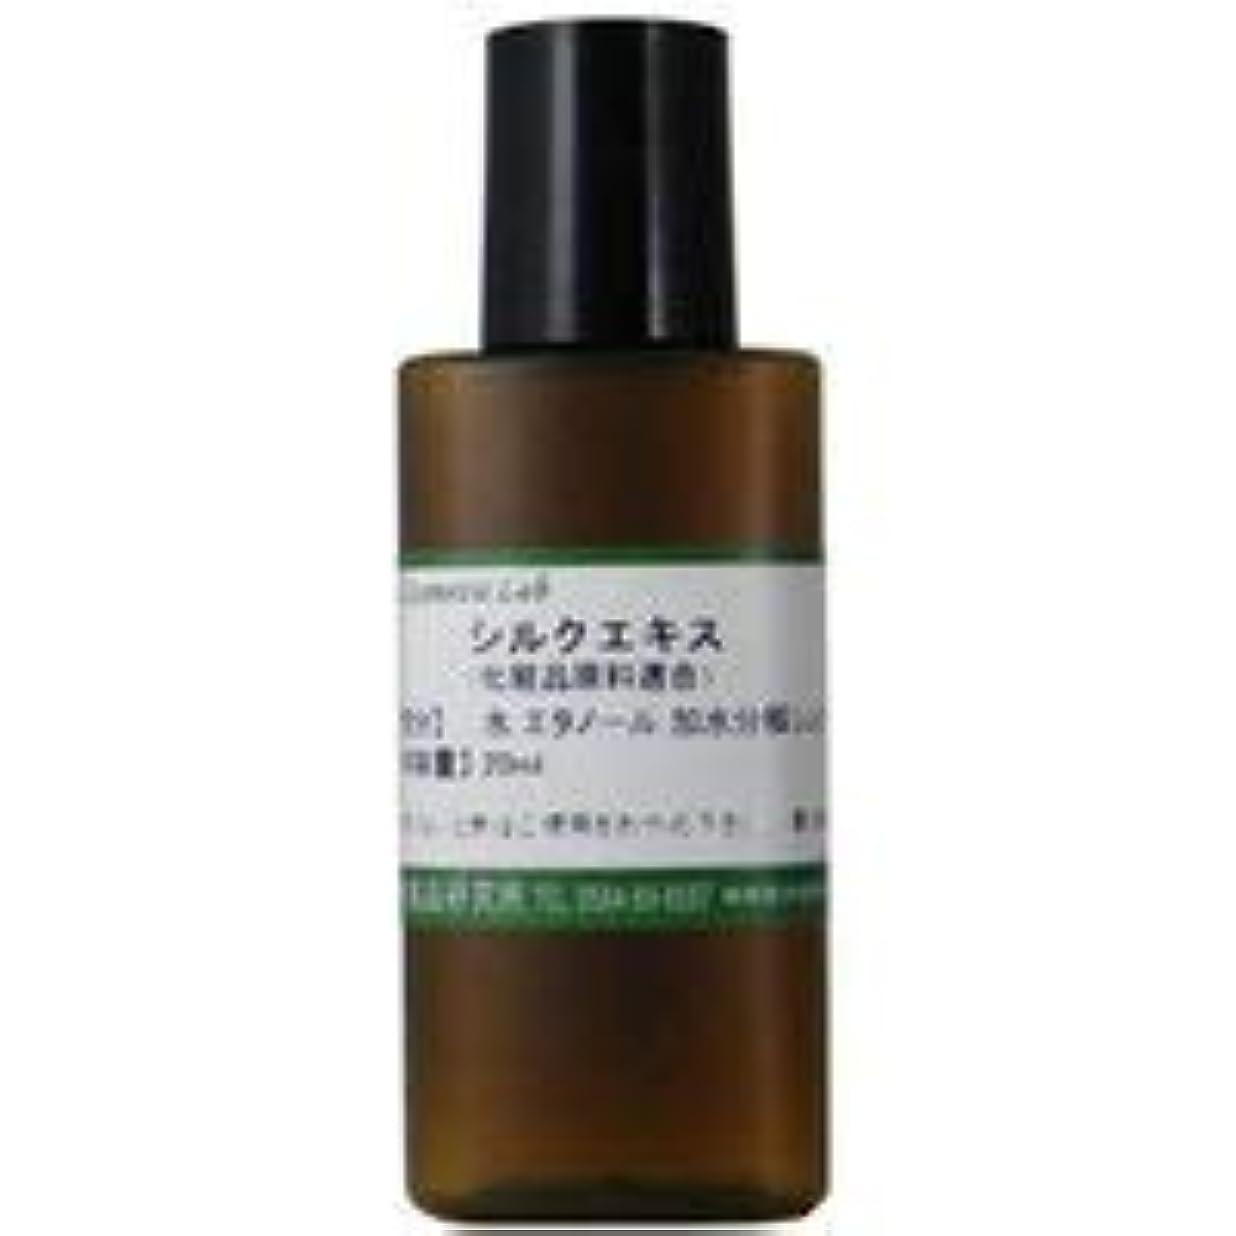 シャーク吐き出す支配するシルクエキス 化粧品原料 20ml